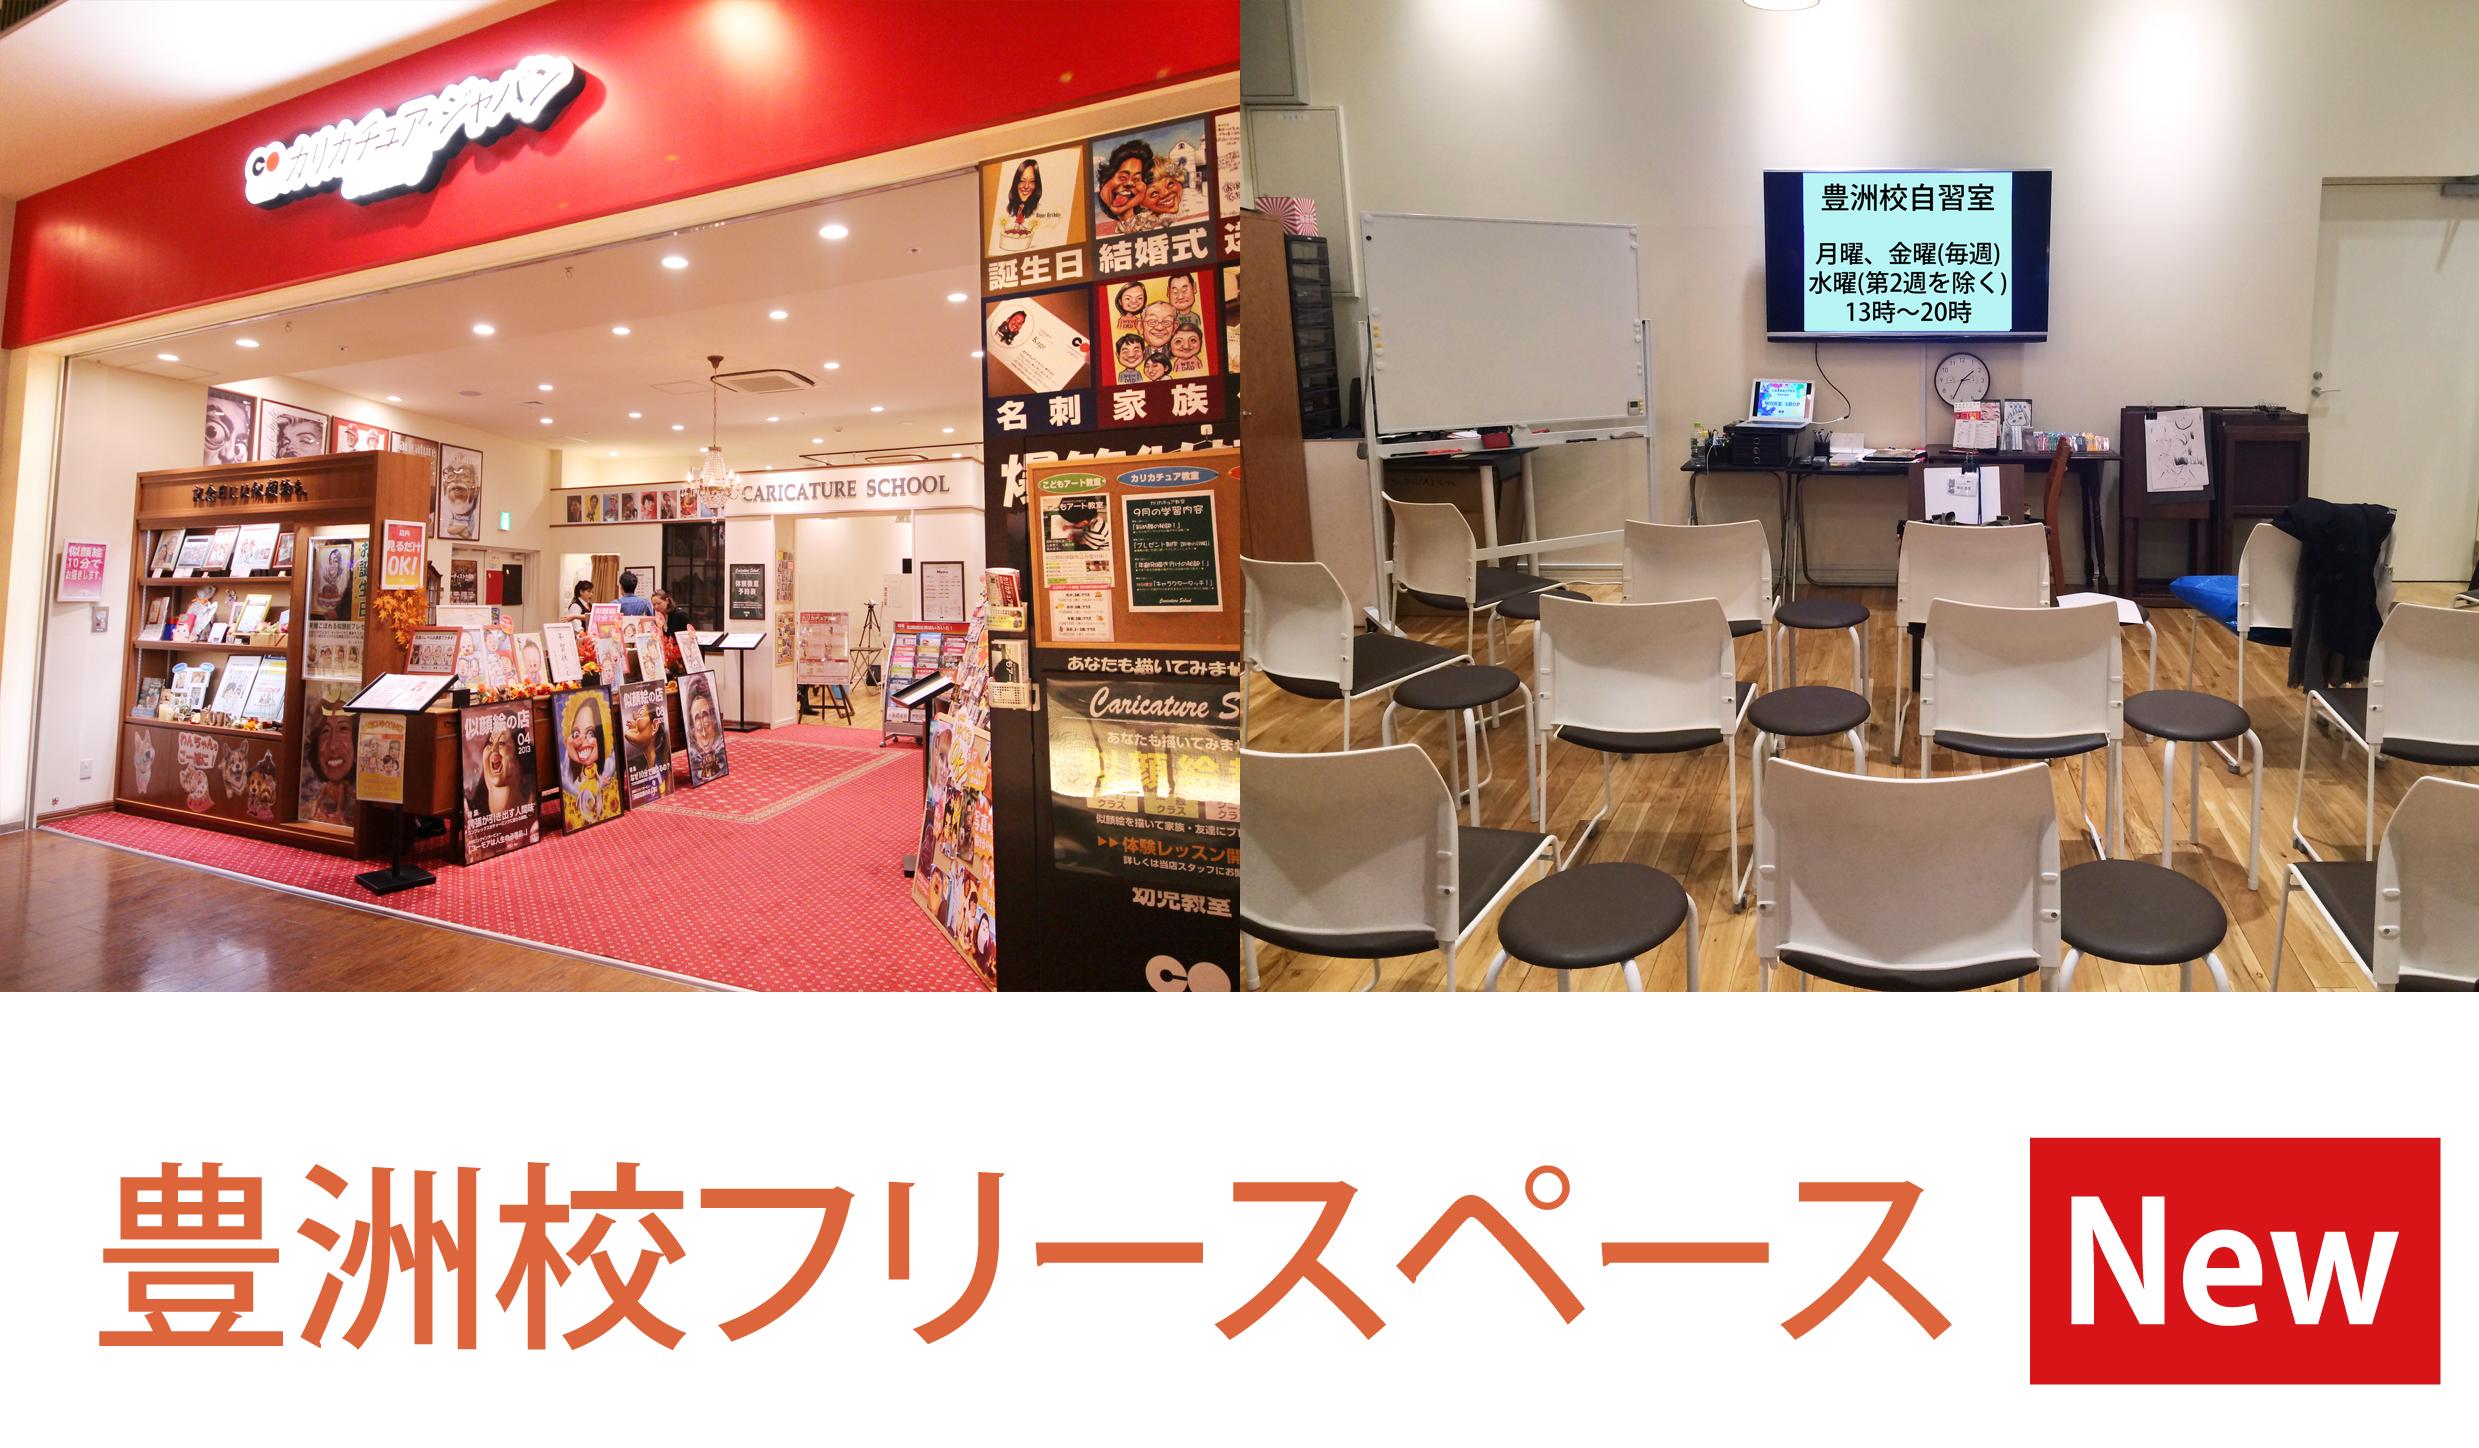 【豊洲校スペース開放】のお知らせ